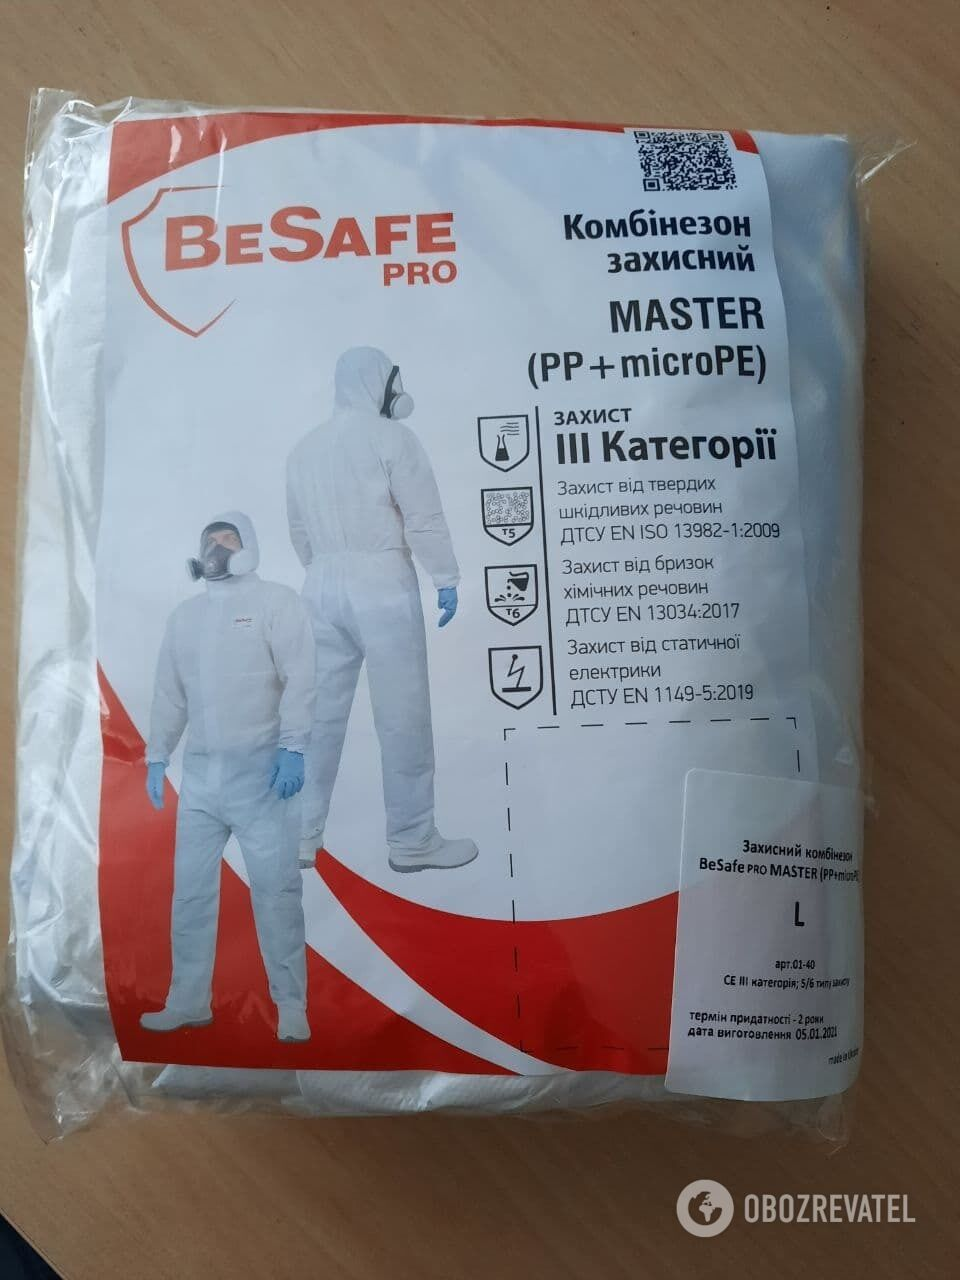 Такі костюми закупив Одеський обласний клінічний медичний центр для захисту своїх співробітників